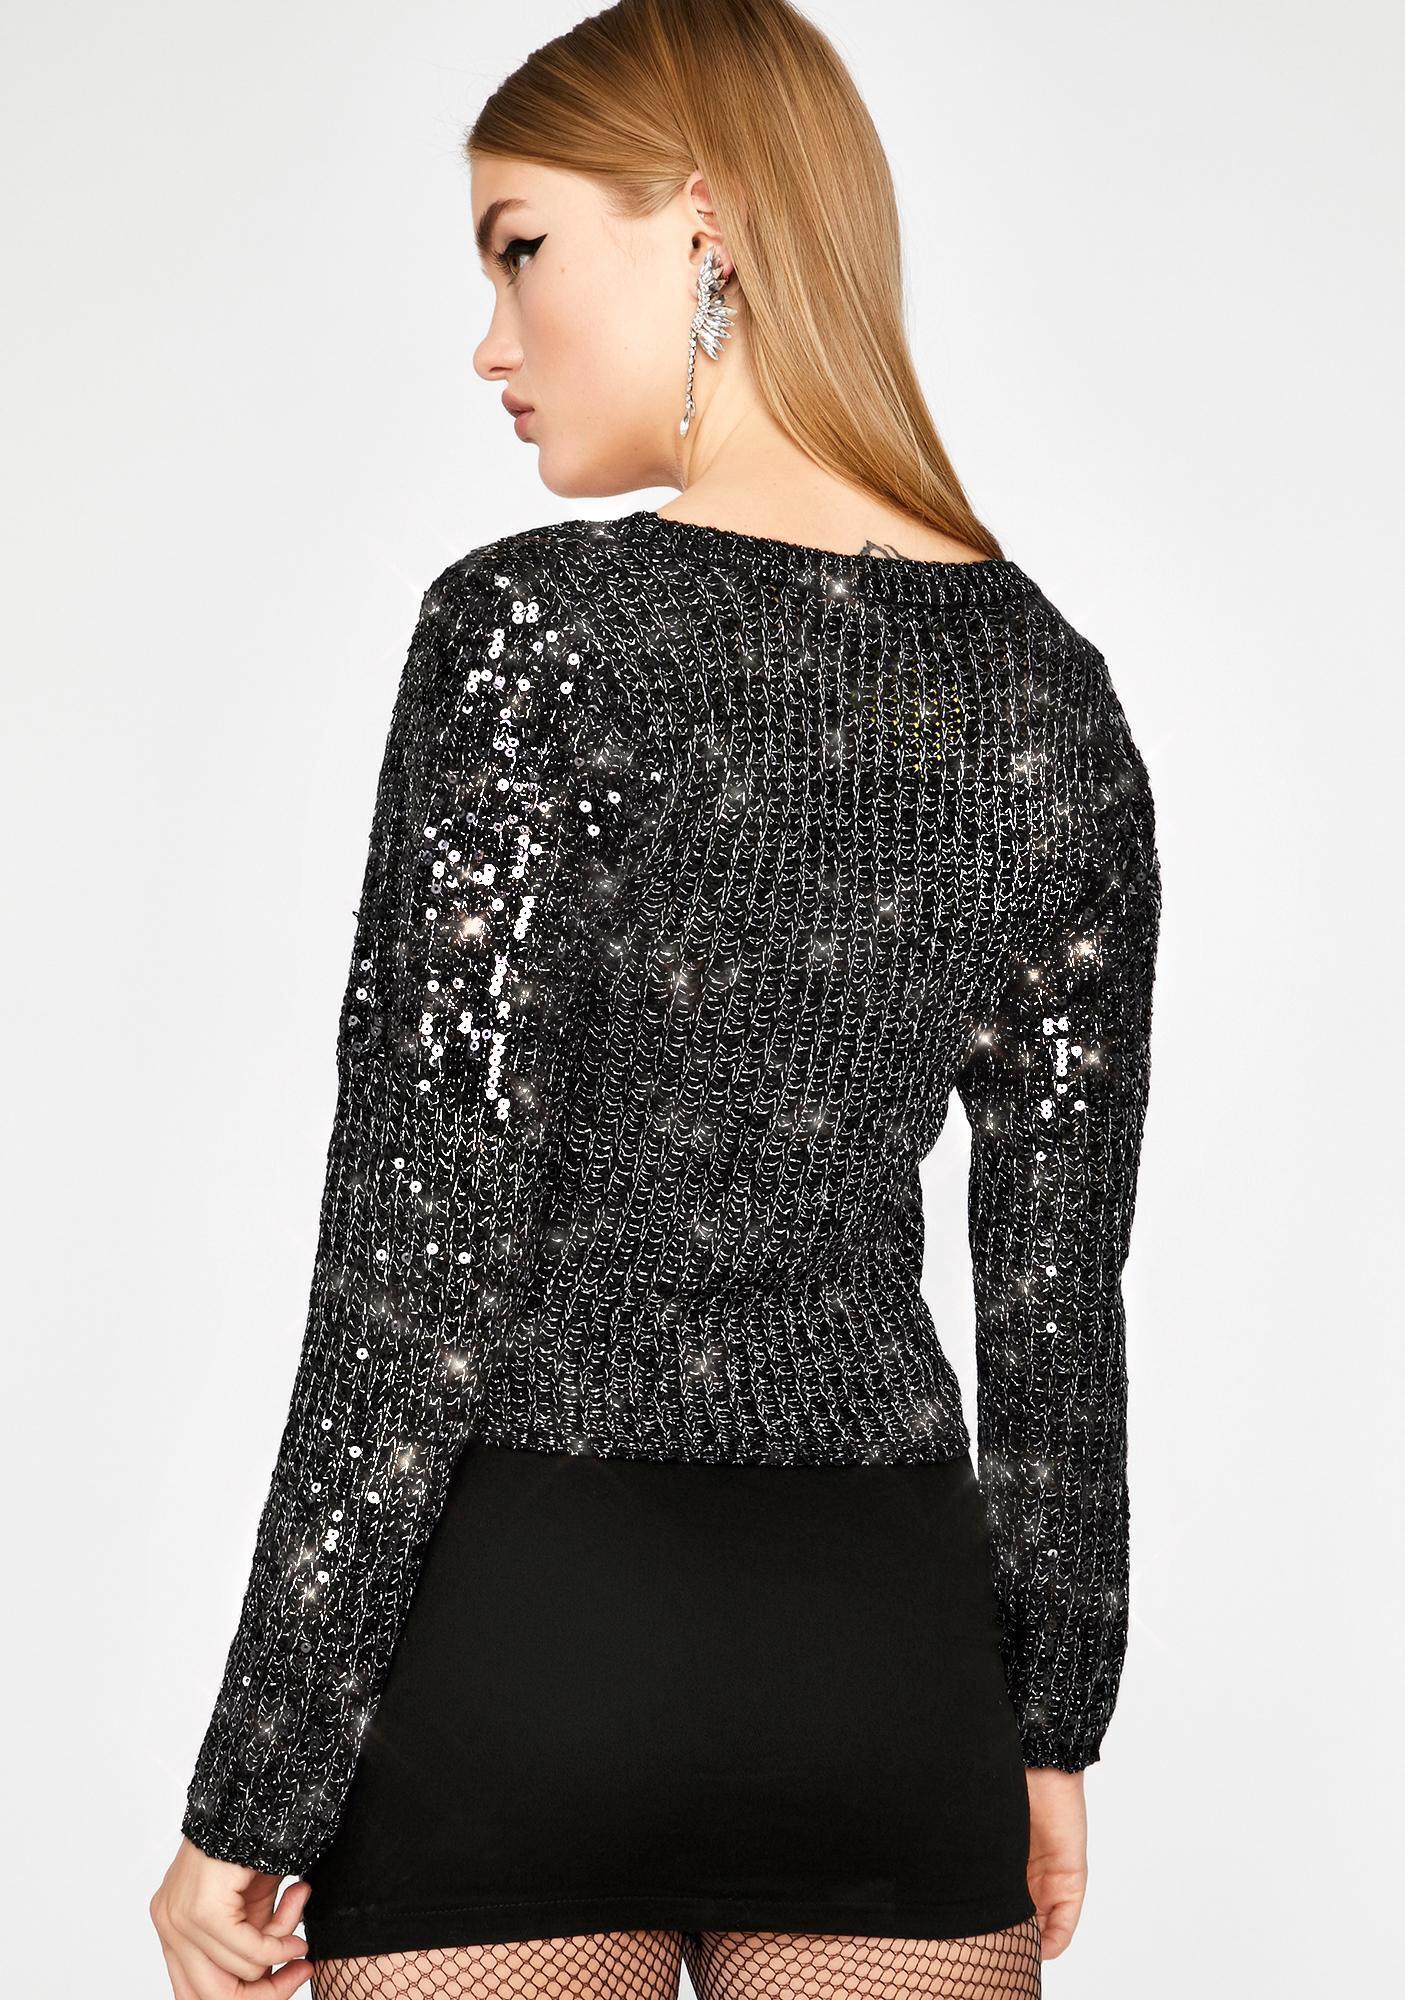 Glitzy Grunge Sequin Sweater